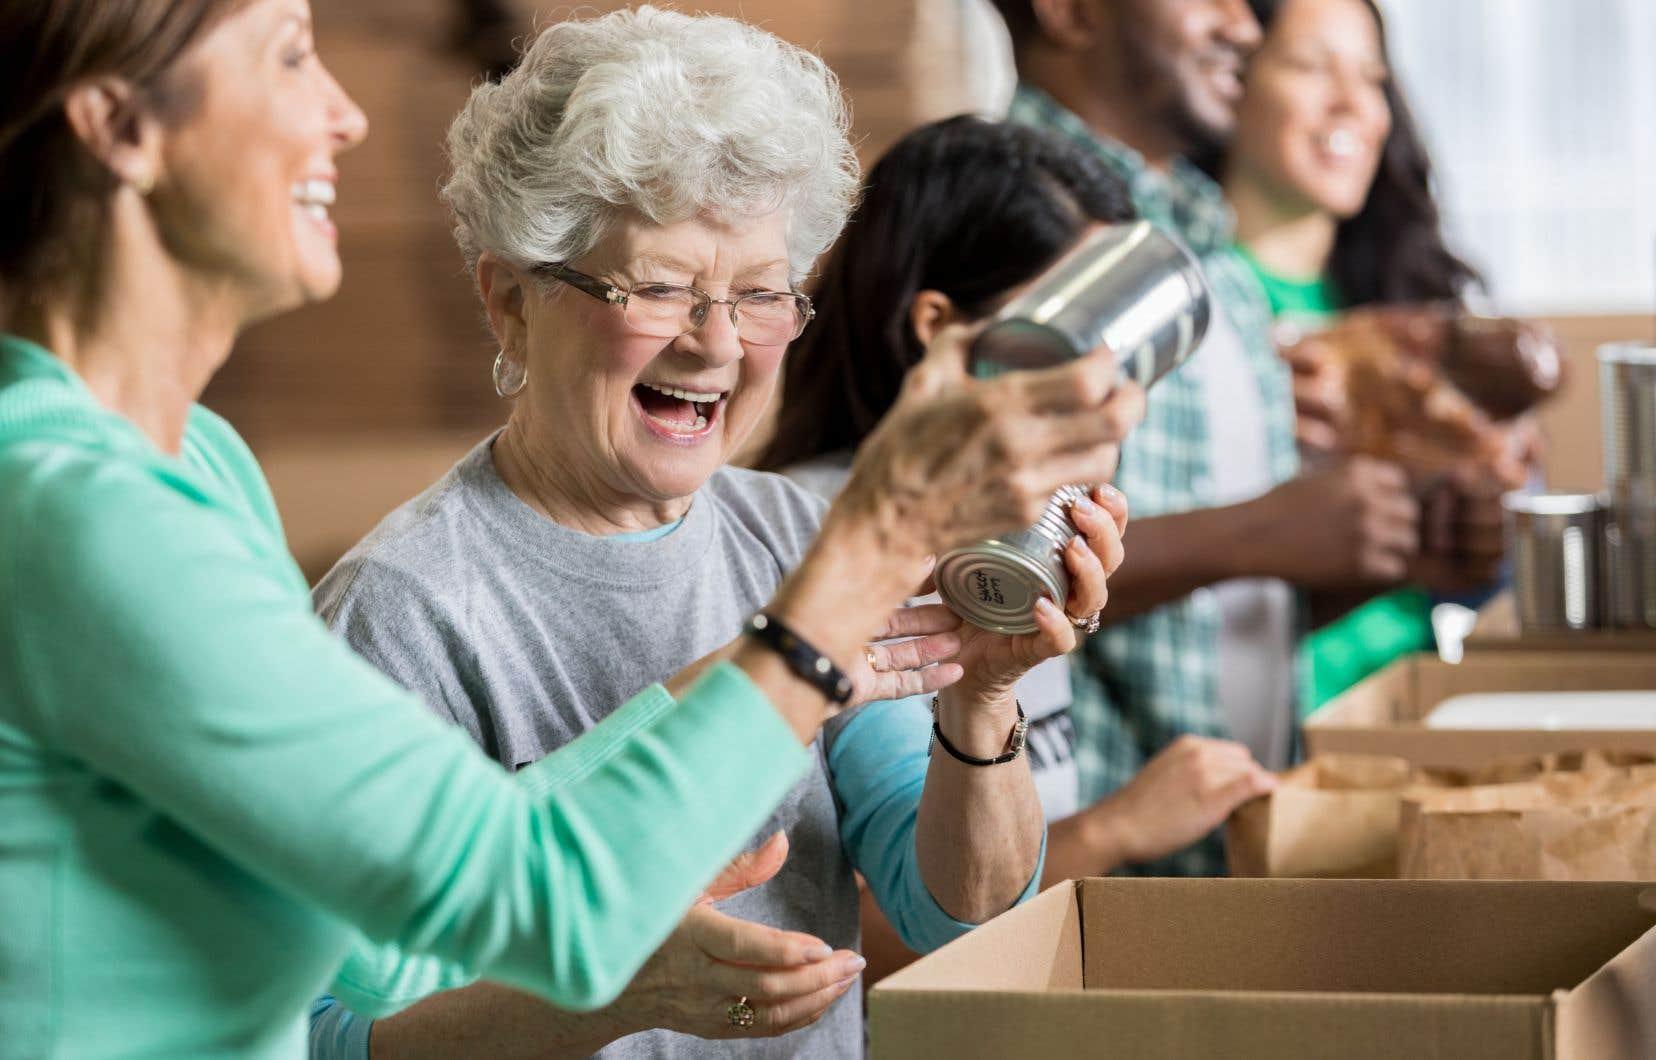 Un peu plus du quart des bénévoles sont des aînés. Il s'agit du groupe d'âge représentant la plus grande proportion des bénévoles au Québec.